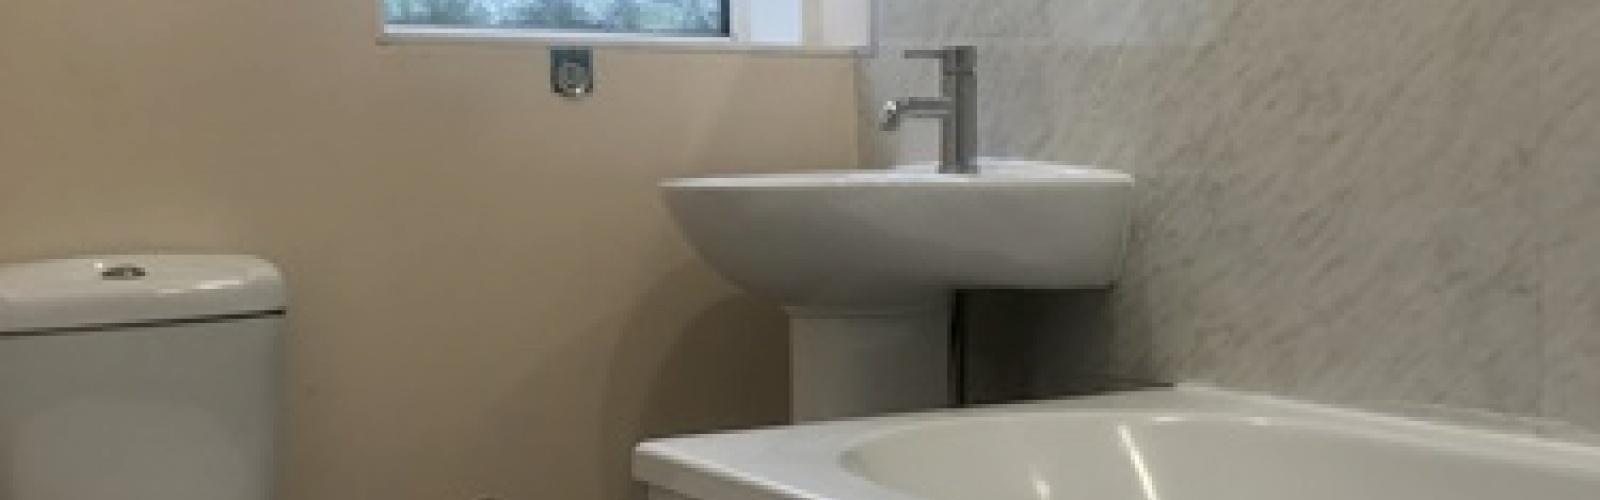 2 Bedrooms Bedrooms,1 BathroomBathrooms,Flat,1056